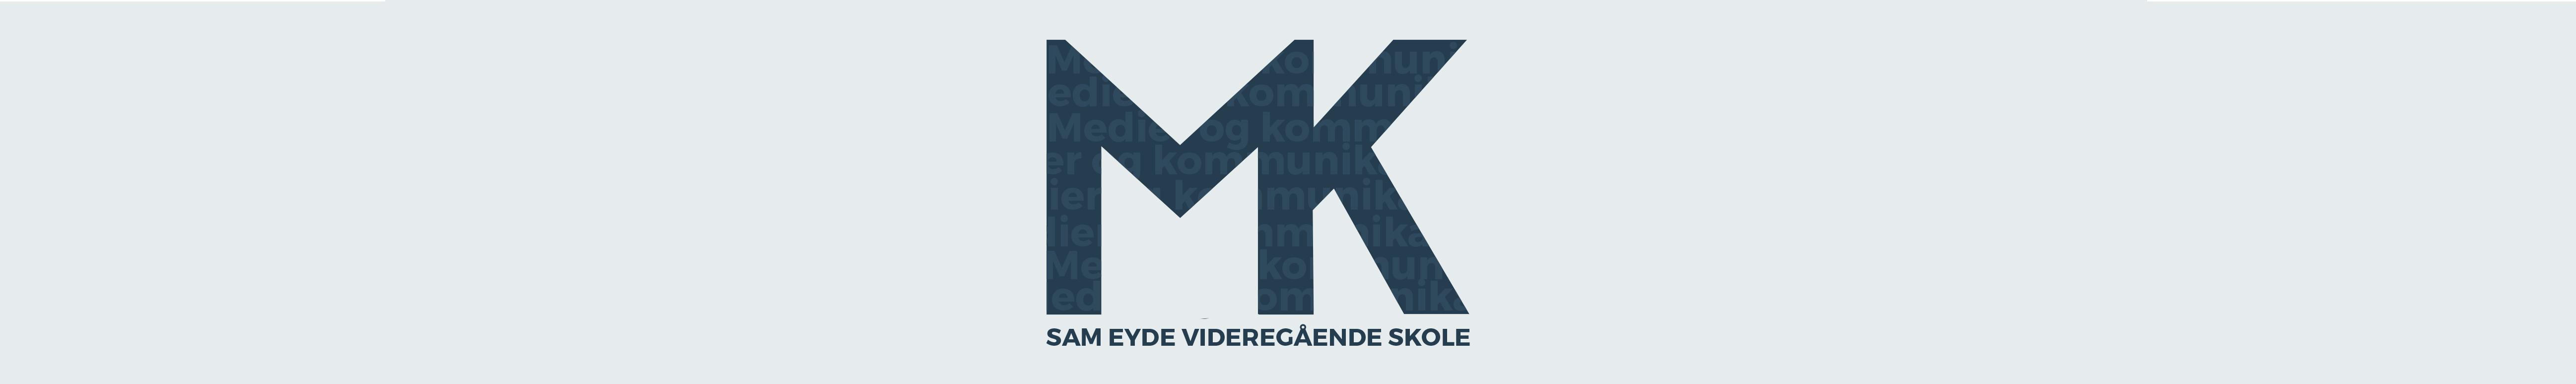 MK Sam Eyde